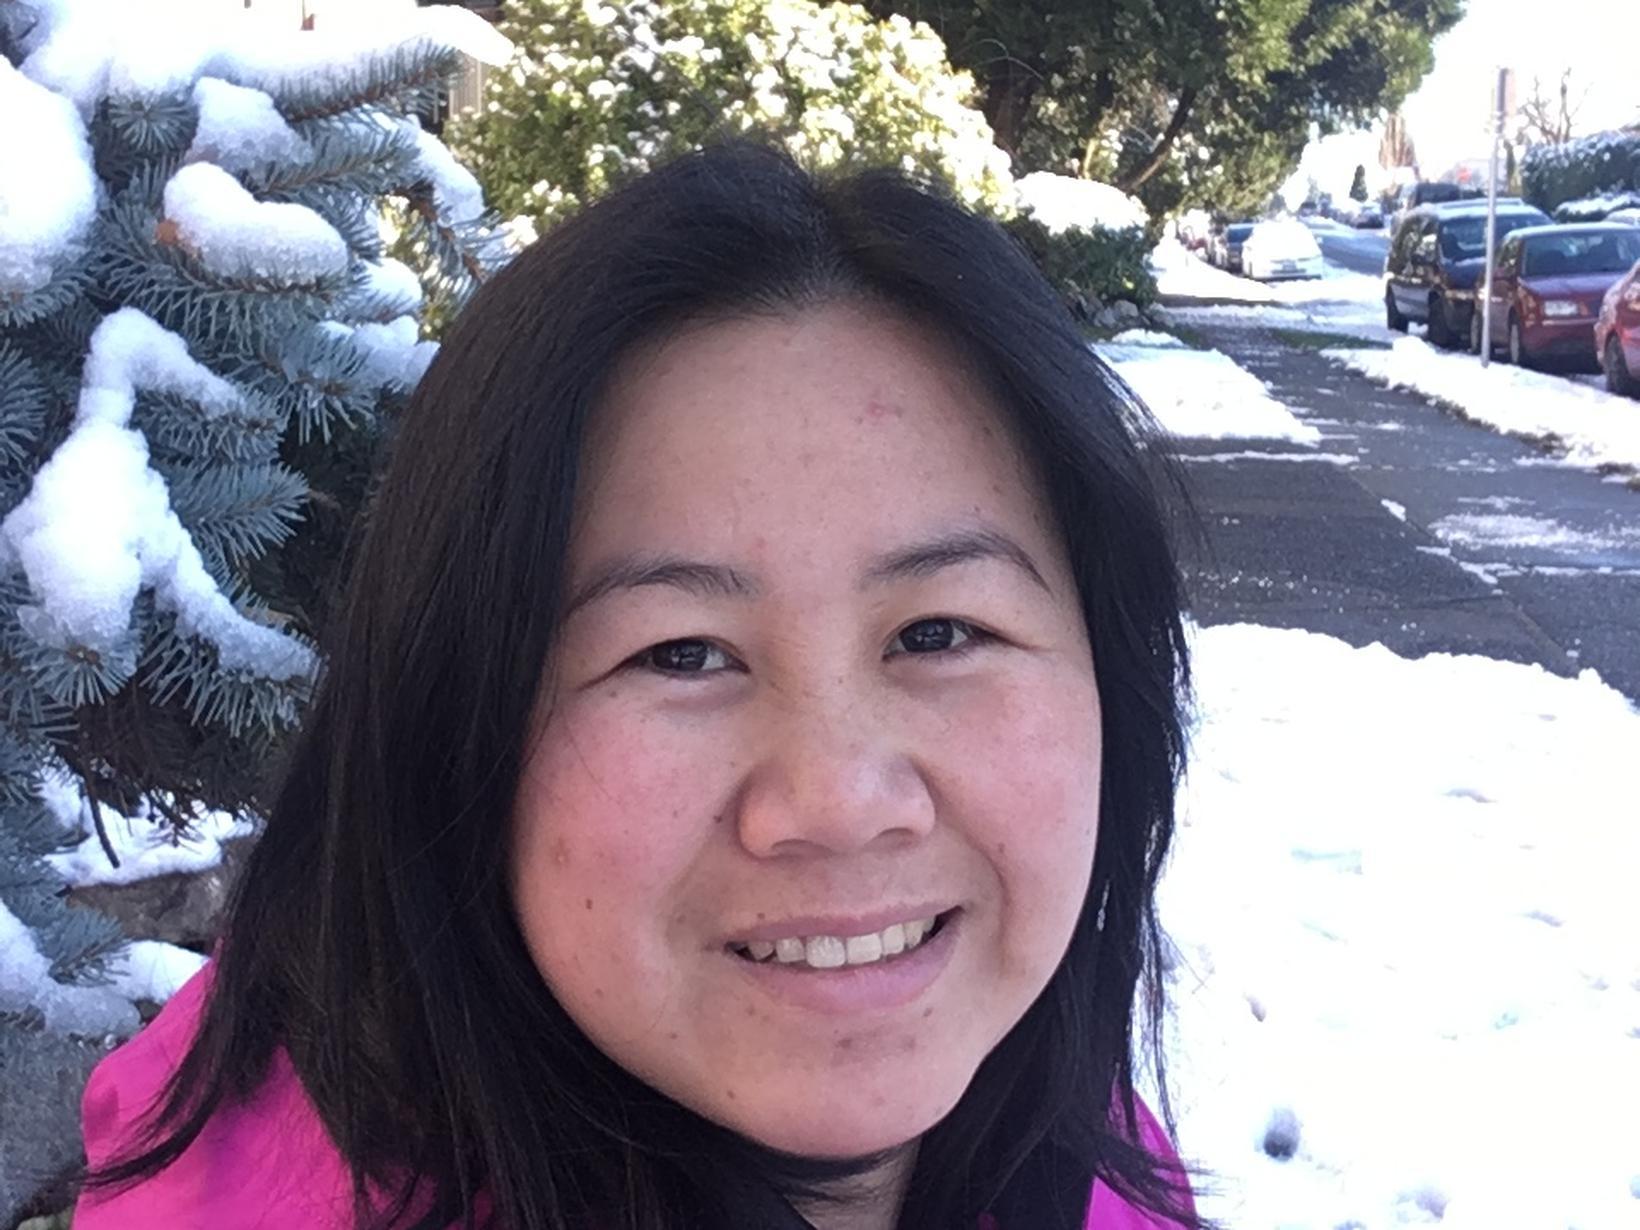 Estefanie from North Vancouver, British Columbia, Canada